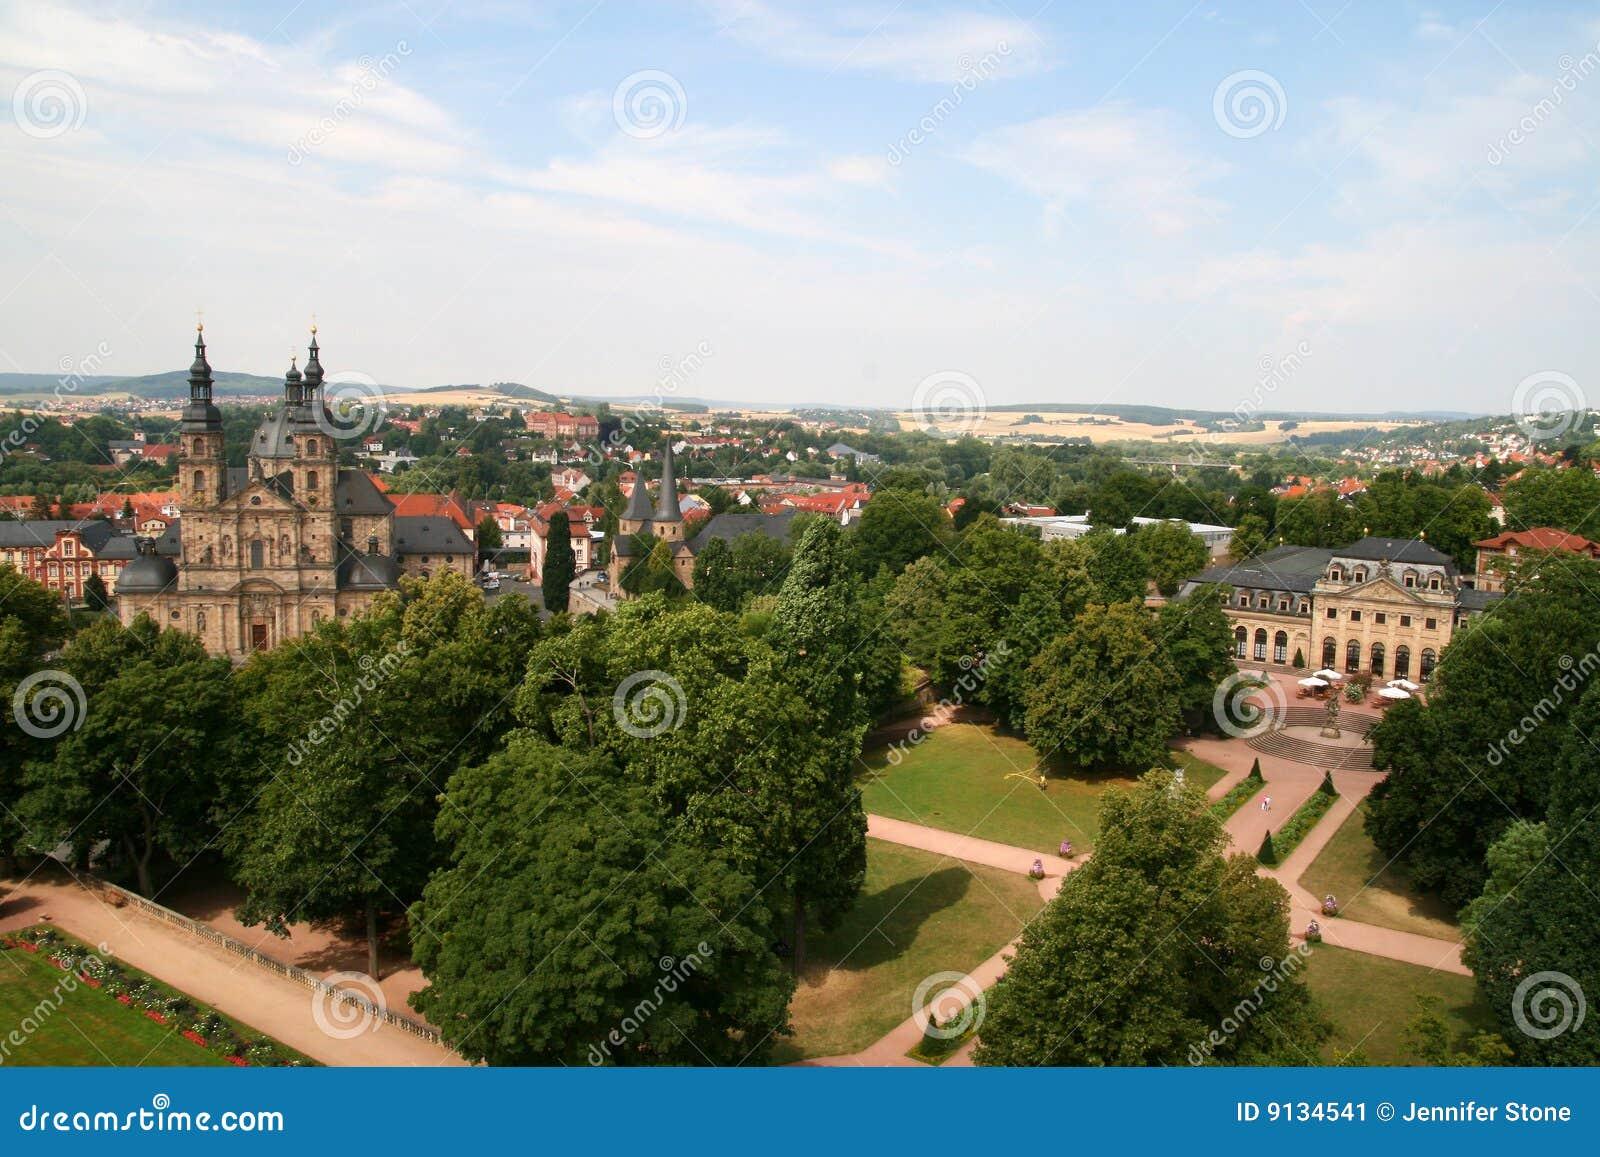 Fulda Germany  city photos gallery : Fulda, Germany Stock Image Image: 9134541